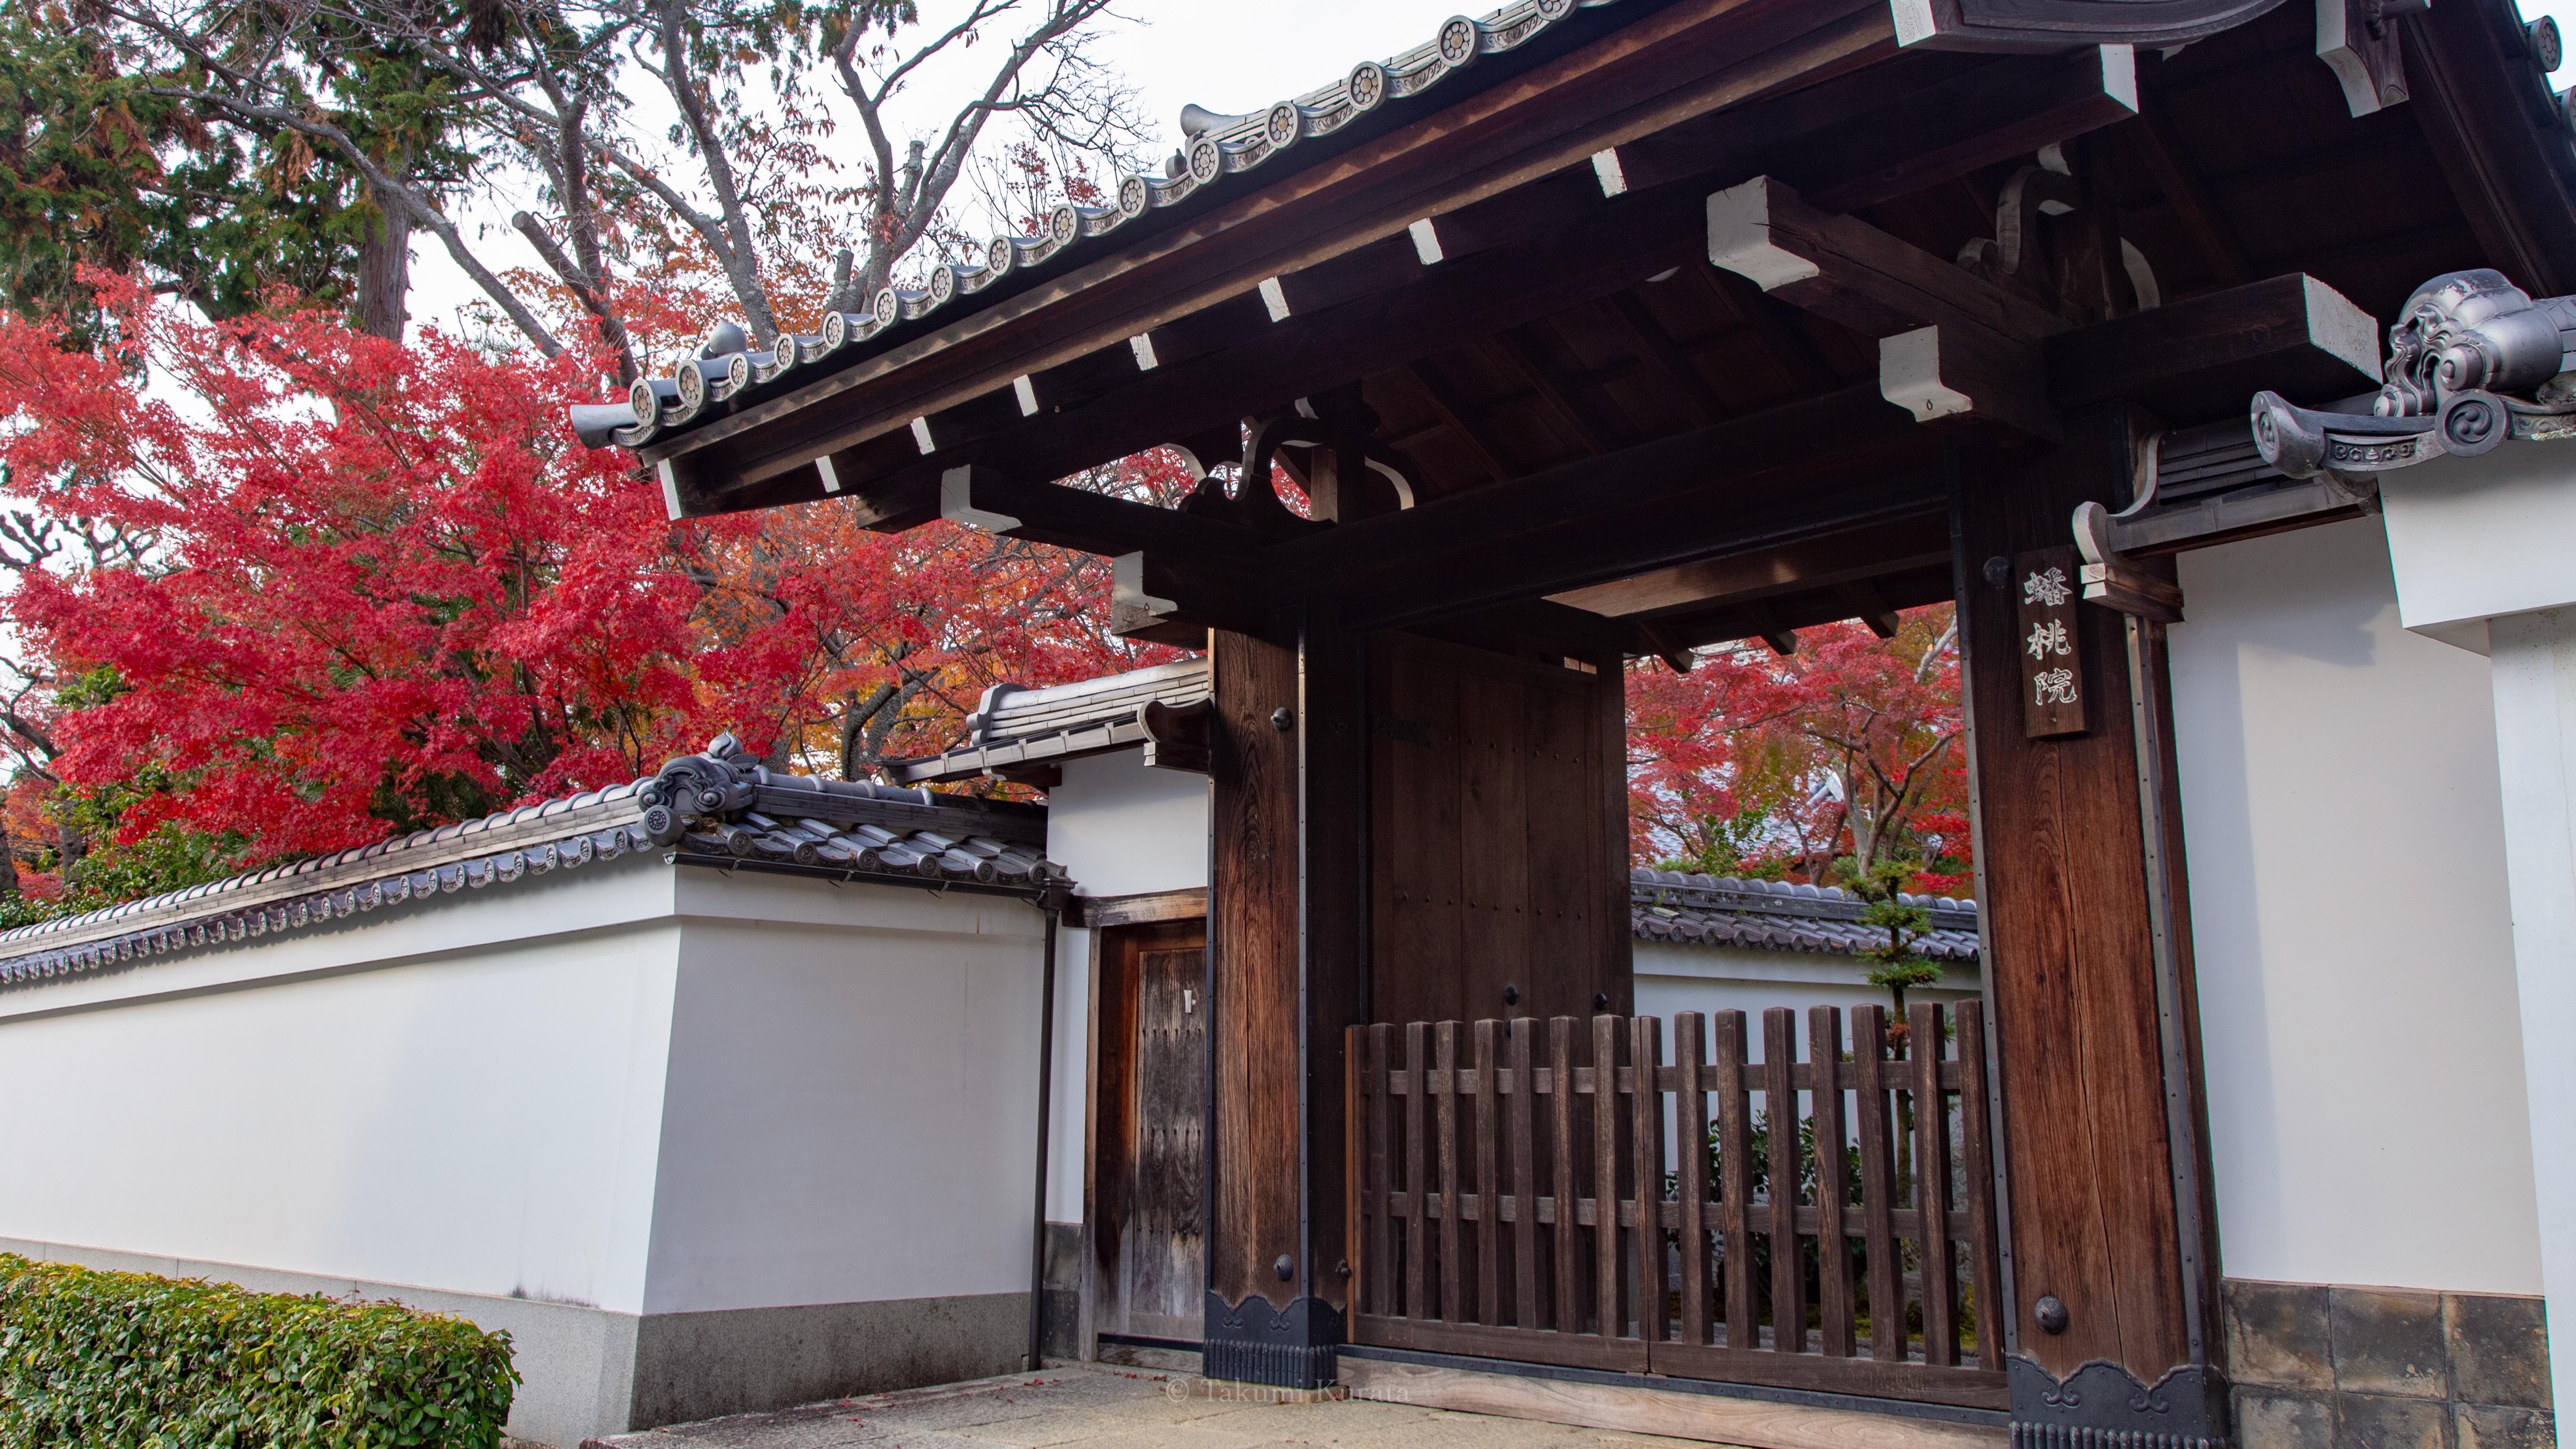 f:id:Shotetsuan:20181127002918j:image